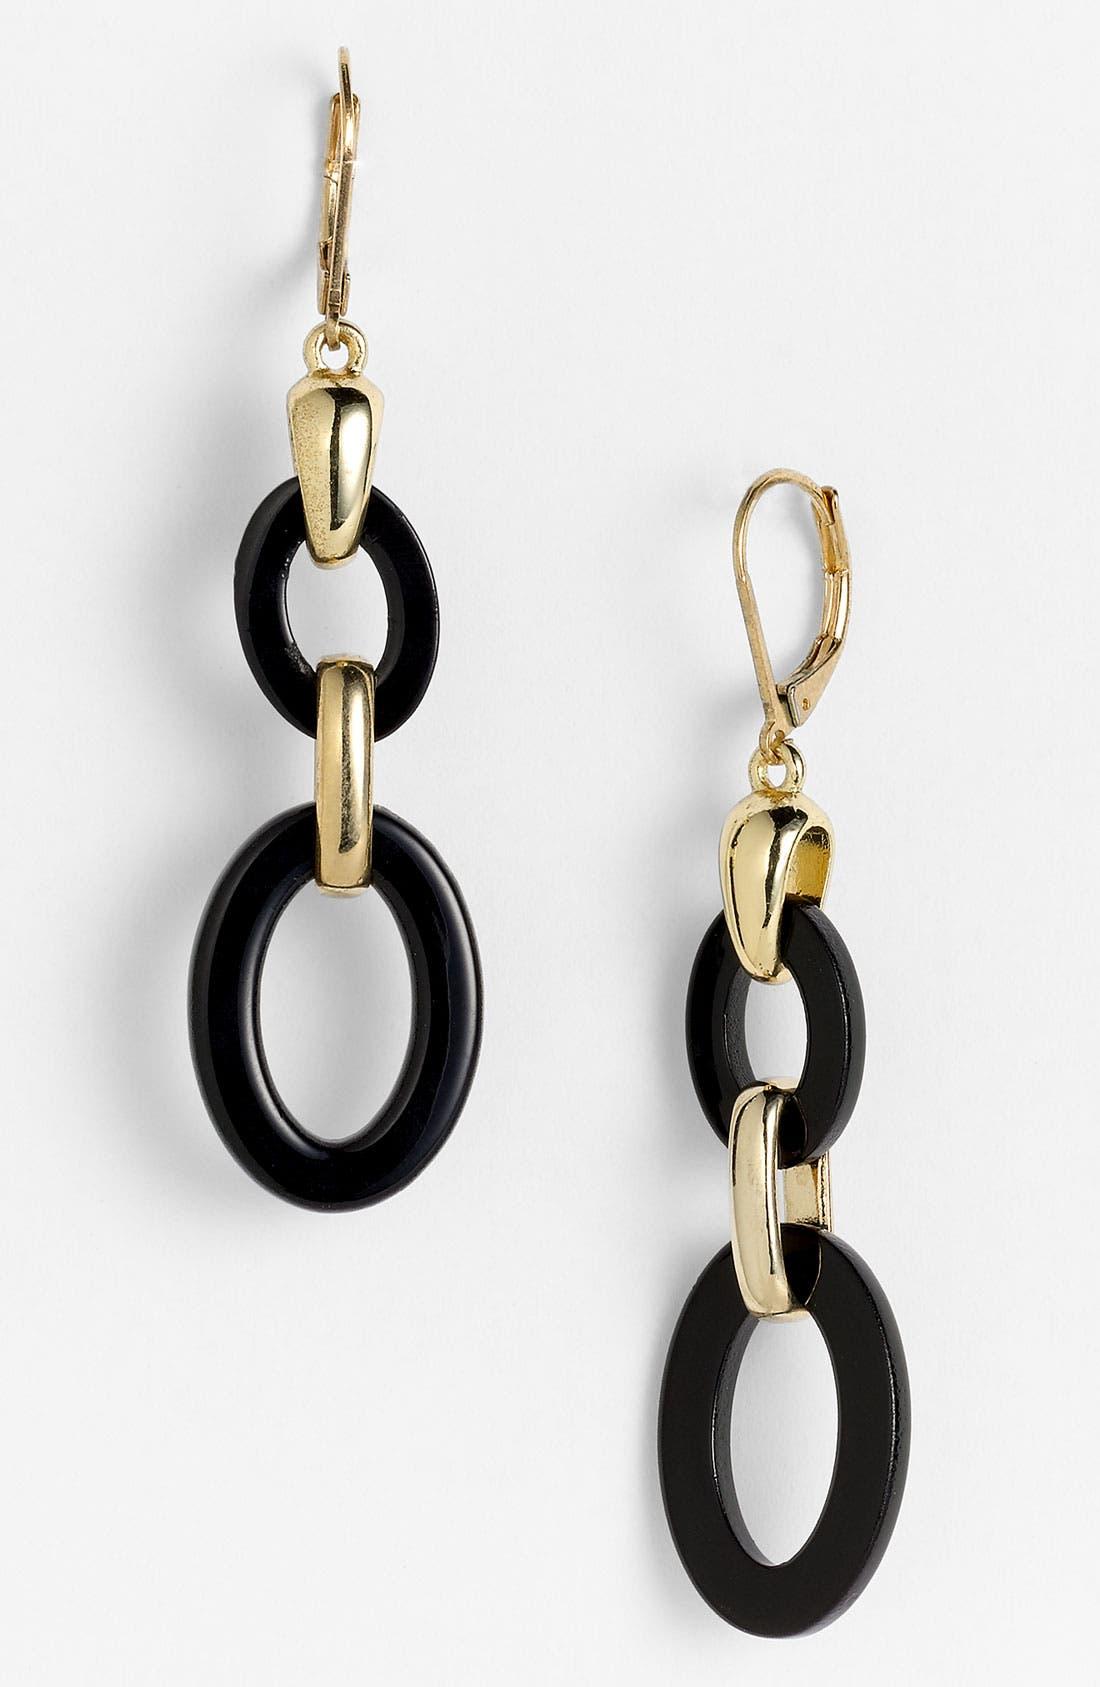 Main Image - Anne Klein Double Link Earrings